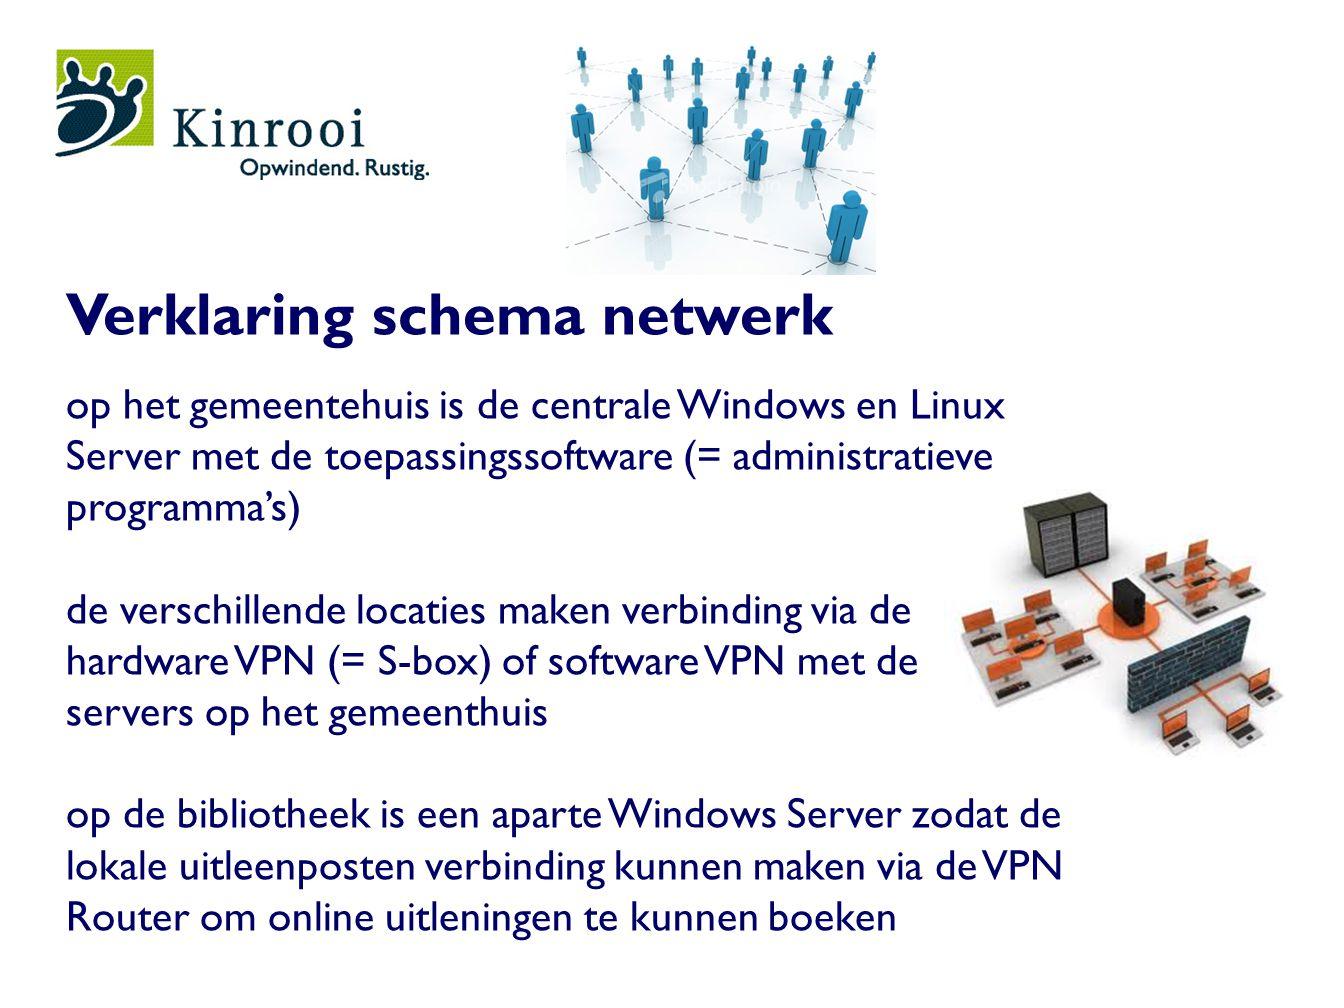 Verklaring schema netwerk op het gemeentehuis is de centrale Windows en Linux Server met de toepassingssoftware (= administratieve programma's) de verschillende locaties maken verbinding via de hardware VPN (= S-box) of software VPN met de servers op het gemeenthuis op de bibliotheek is een aparte Windows Server zodat de lokale uitleenposten verbinding kunnen maken via de VPN Router om online uitleningen te kunnen boeken